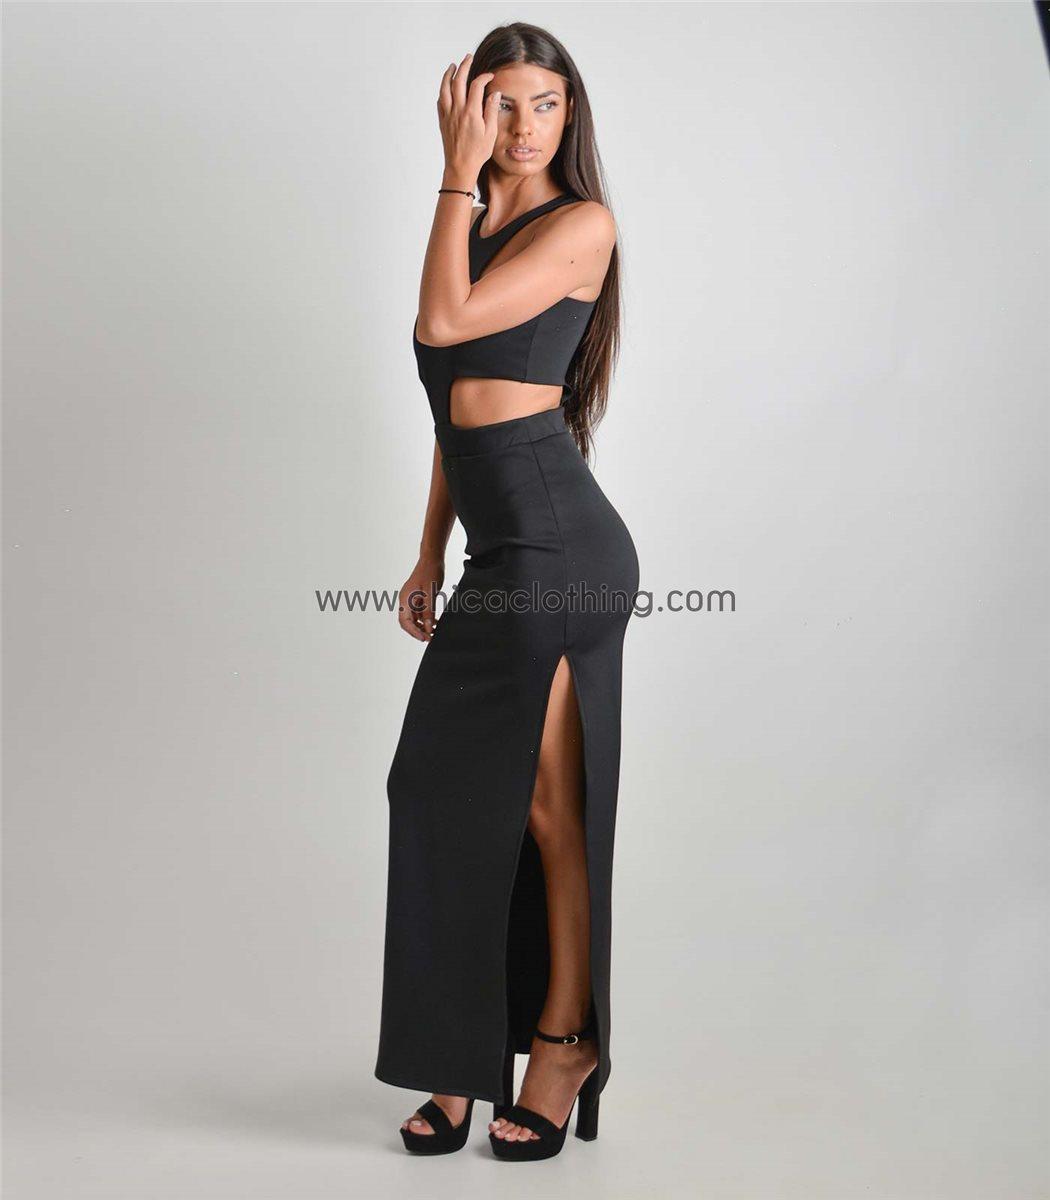 Γυναικείο μάξι φόρεμα με ανοίγματα και σκίσιμο 177454443ab